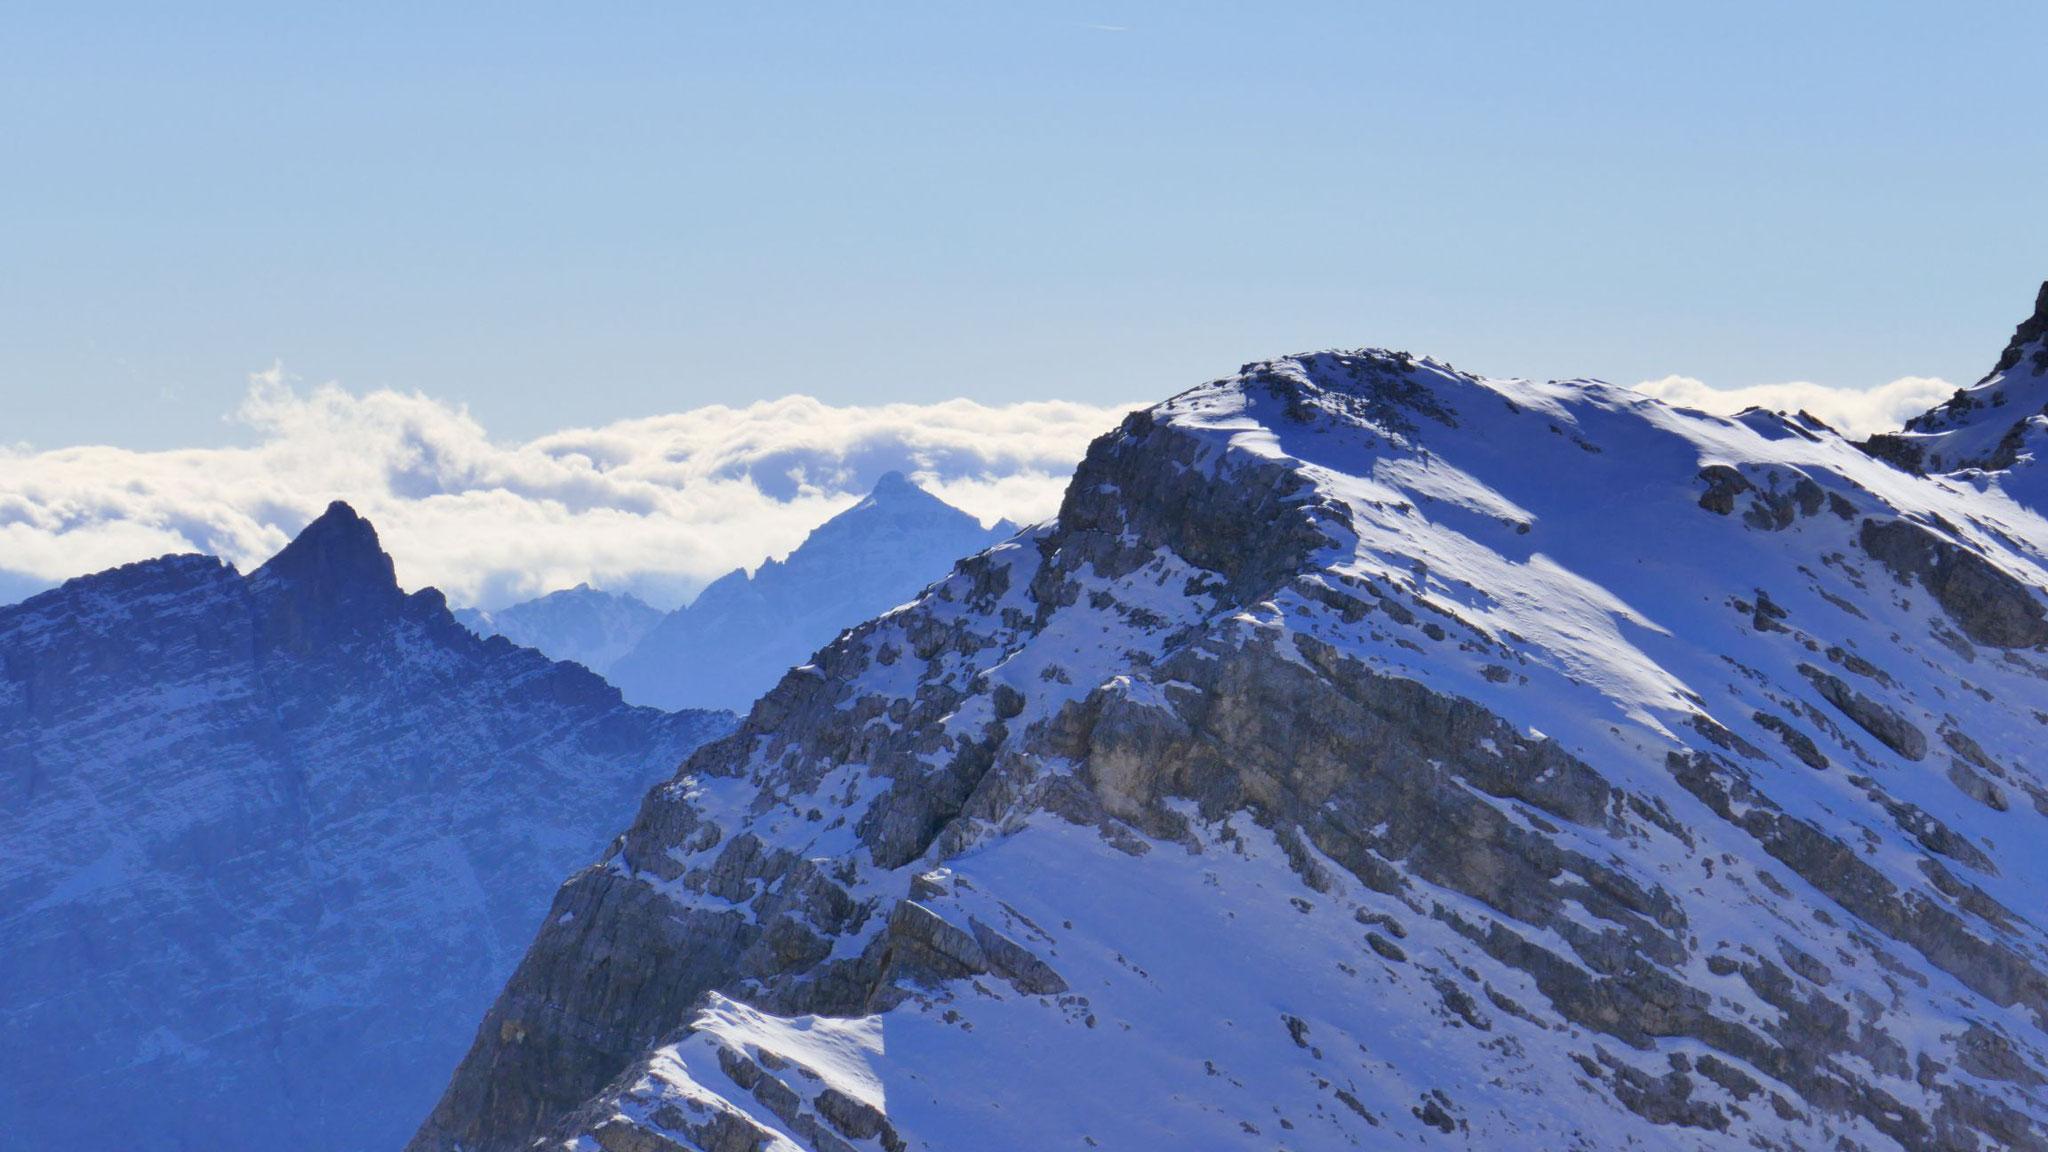 Nordgrat des Mittleren Birkkopfs, dahinter Kaskarspitze und Serles